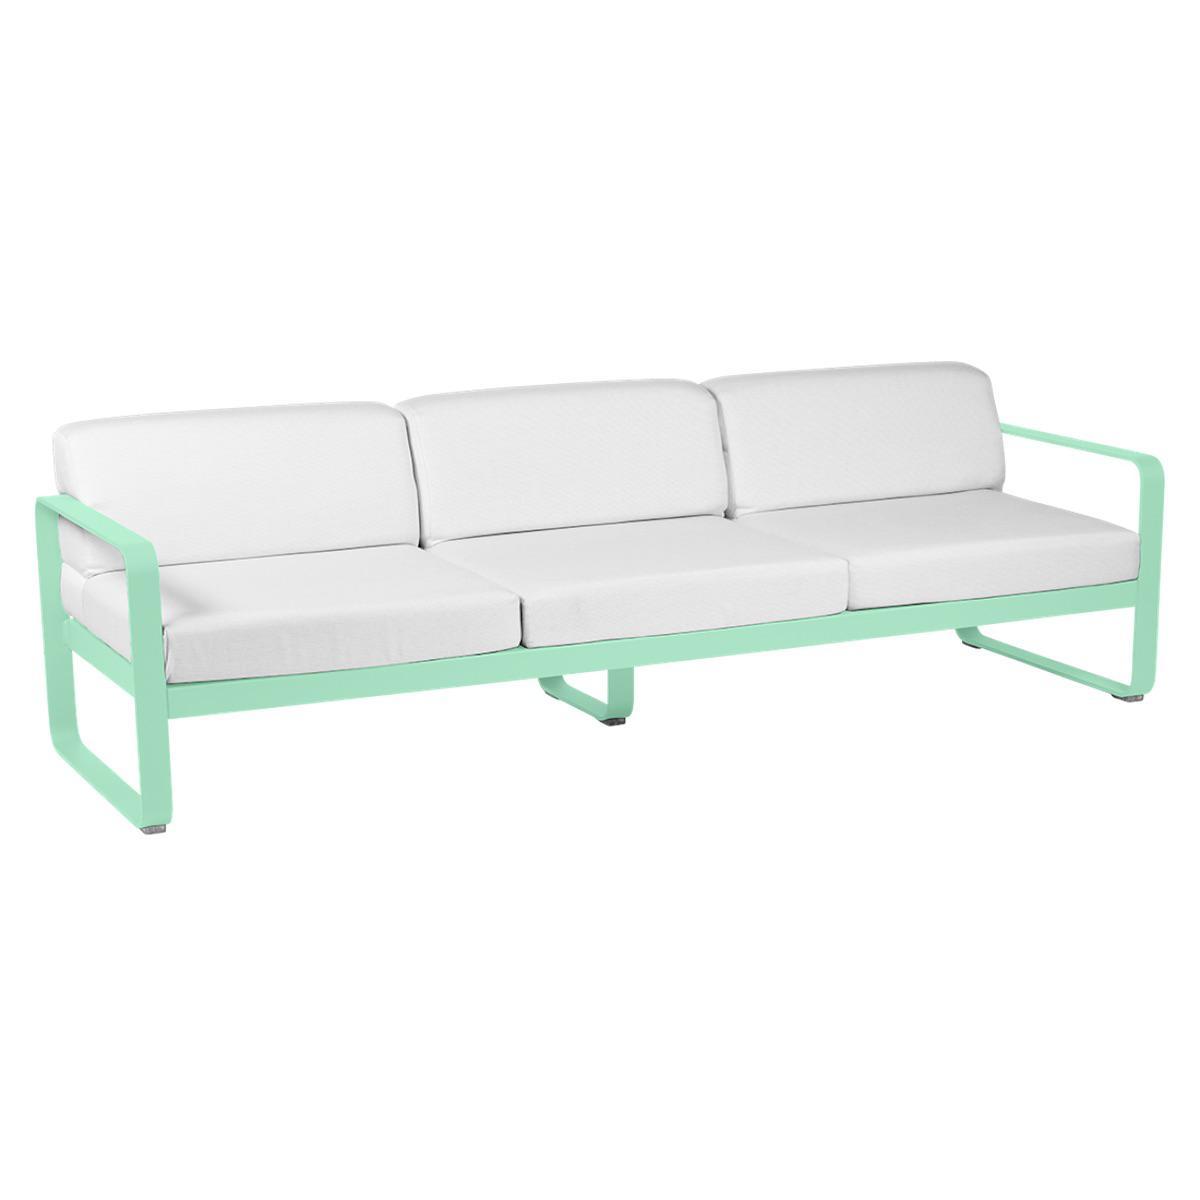 Canapé de jardin 3 places BELLEVIE Fermob vert opaline-blanc grisé